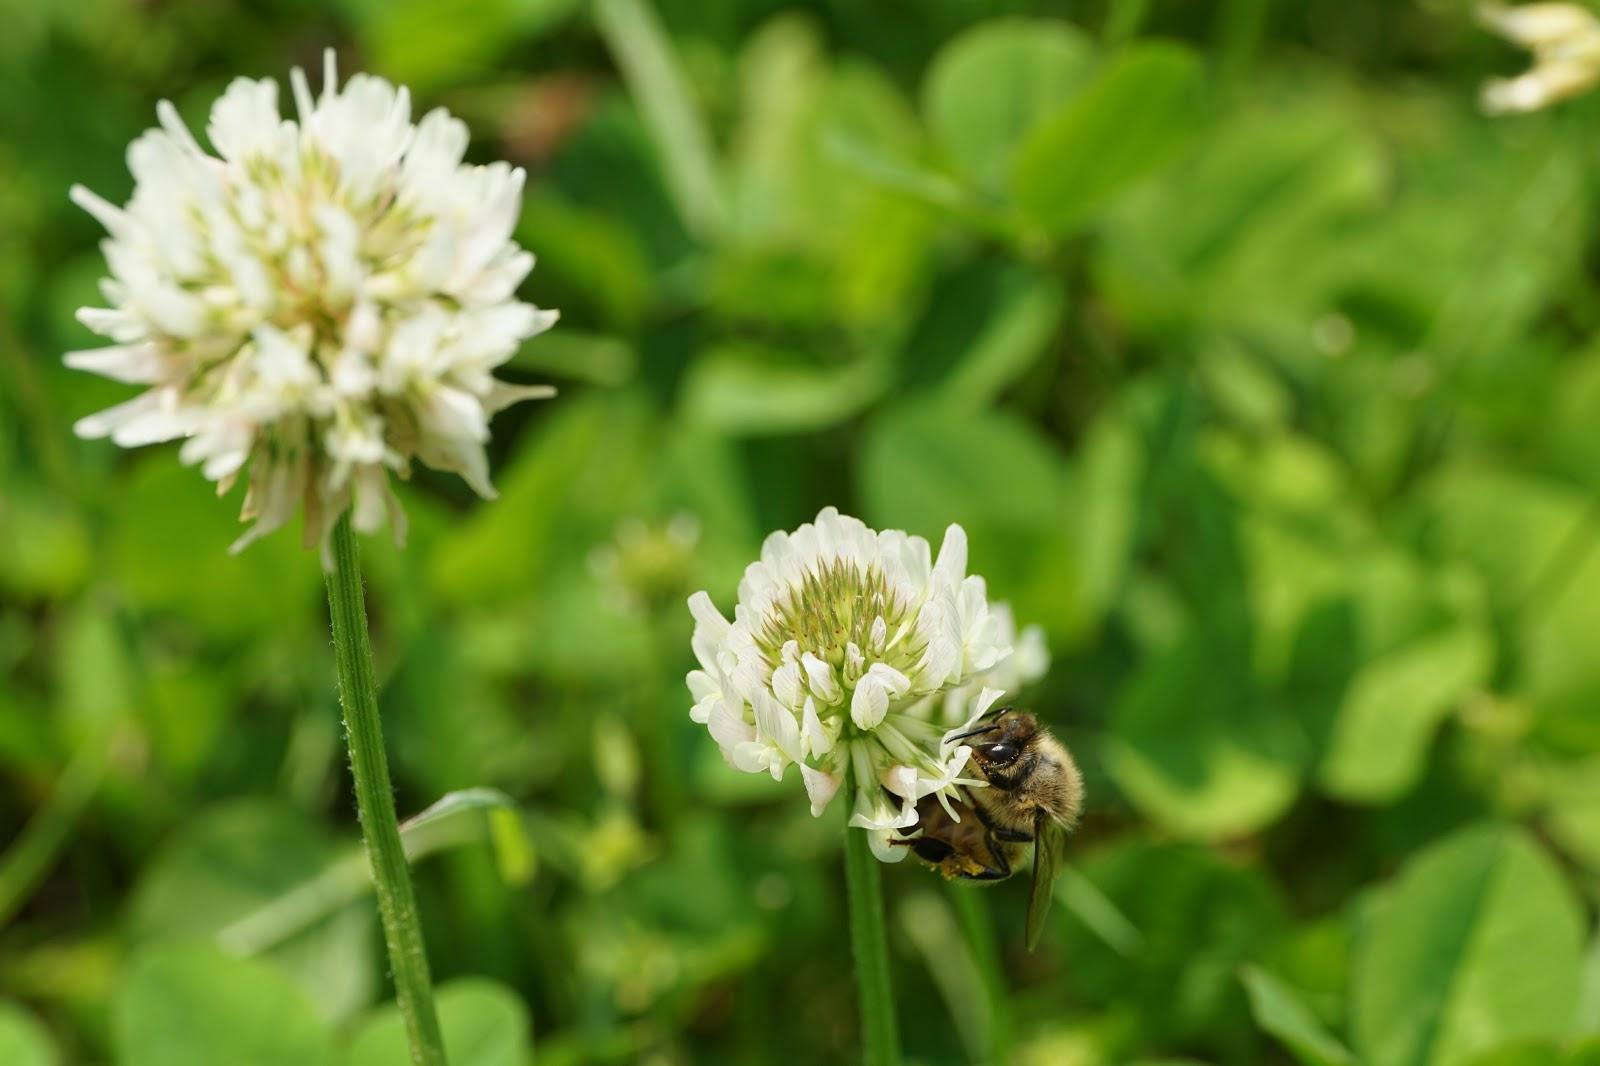 白詰草に留まる蜜蜂